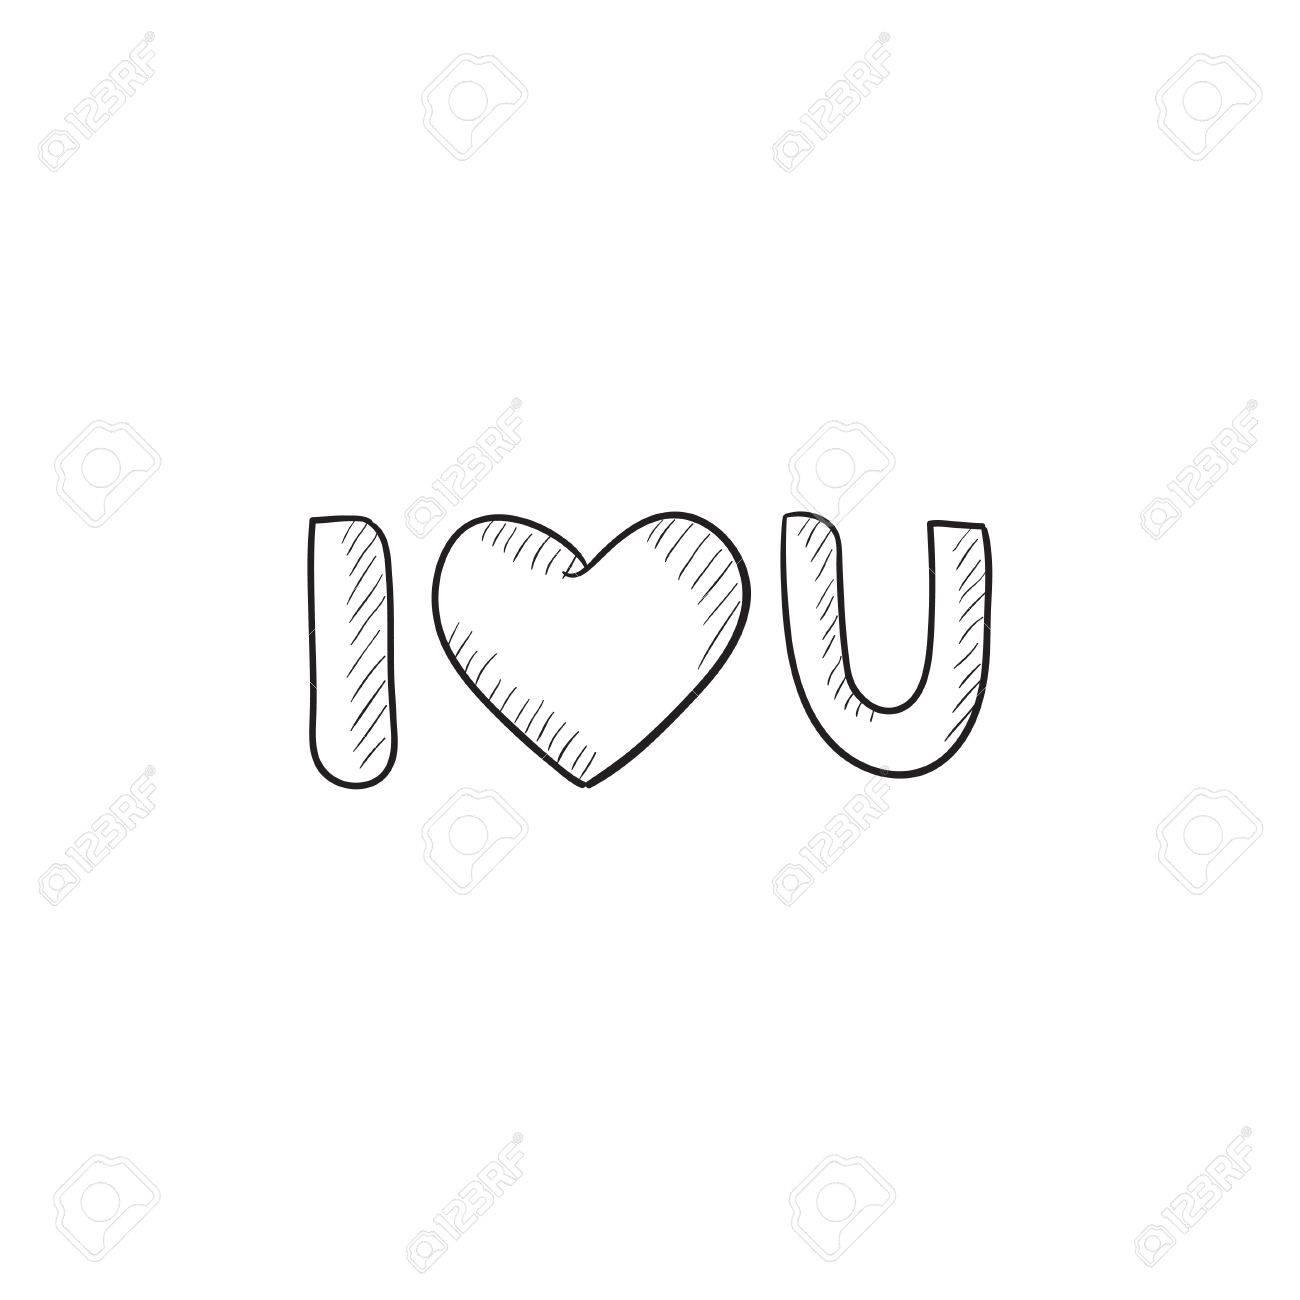 Abkürzung ich liebe dich